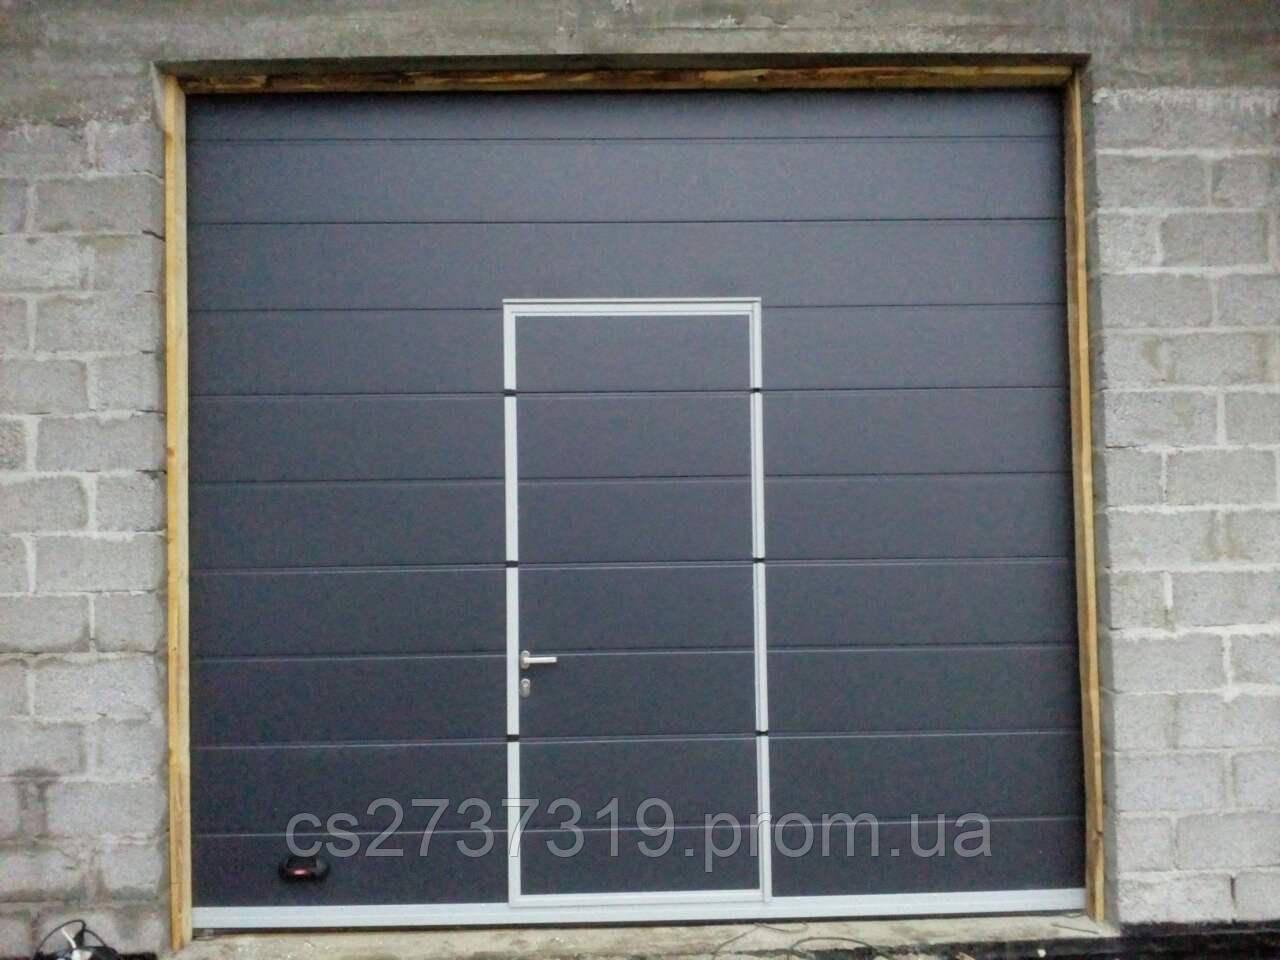 Гаражные секционные ворота  DoorHan 3200*3000, автоматические